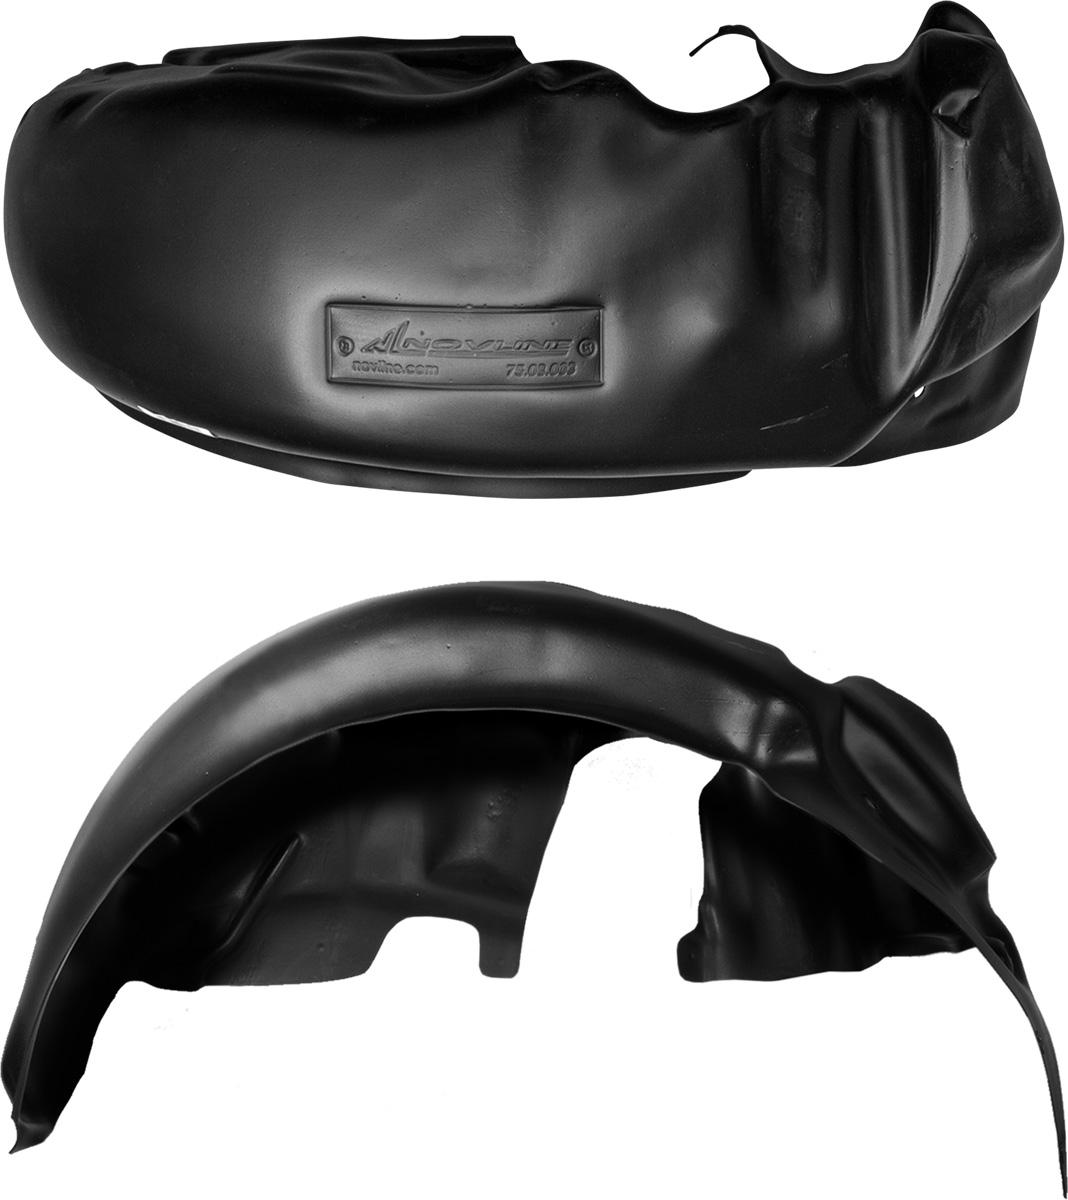 Подкрылок CHEVROLET NIVA 2009-2013, задний левыйNLL.52.17.003Колесные ниши – одни из самых уязвимых зон днища вашего автомобиля. Они постоянно подвергаются воздействию со стороны дороги. Лучшая, почти абсолютная защита для них - специально отформованные пластиковые кожухи, которые называются подкрылками, или локерами. Производятся они как для отечественных моделей автомобилей, так и для иномарок. Подкрылки выполнены из высококачественного, экологически чистого пластика. Обеспечивают надежную защиту кузова автомобиля от пескоструйного эффекта и негативного влияния, агрессивных антигололедных реагентов. Пластик обладает более низкой теплопроводностью, чем металл, поэтому в зимний период эксплуатации использование пластиковых подкрылков позволяет лучше защитить колесные ниши от налипания снега и образования наледи. Оригинальность конструкции подчеркивает элегантность автомобиля, бережно защищает нанесенное на днище кузова антикоррозийное покрытие и позволяет осуществить крепление подкрылков внутри колесной арки практически без дополнительного крепежа и сверления, не нарушая при этом лакокрасочного покрытия, что предотвращает возникновение новых очагов коррозии. Технология крепления подкрылков на иномарки принципиально отличается от крепления на российские автомобили и разрабатывается индивидуально для каждой модели автомобиля. Подкрылки долговечны, обладают высокой прочностью и сохраняют заданную форму, а также все свои физико-механические характеристики в самых тяжелых климатических условиях ( от -50° С до + 50° С).